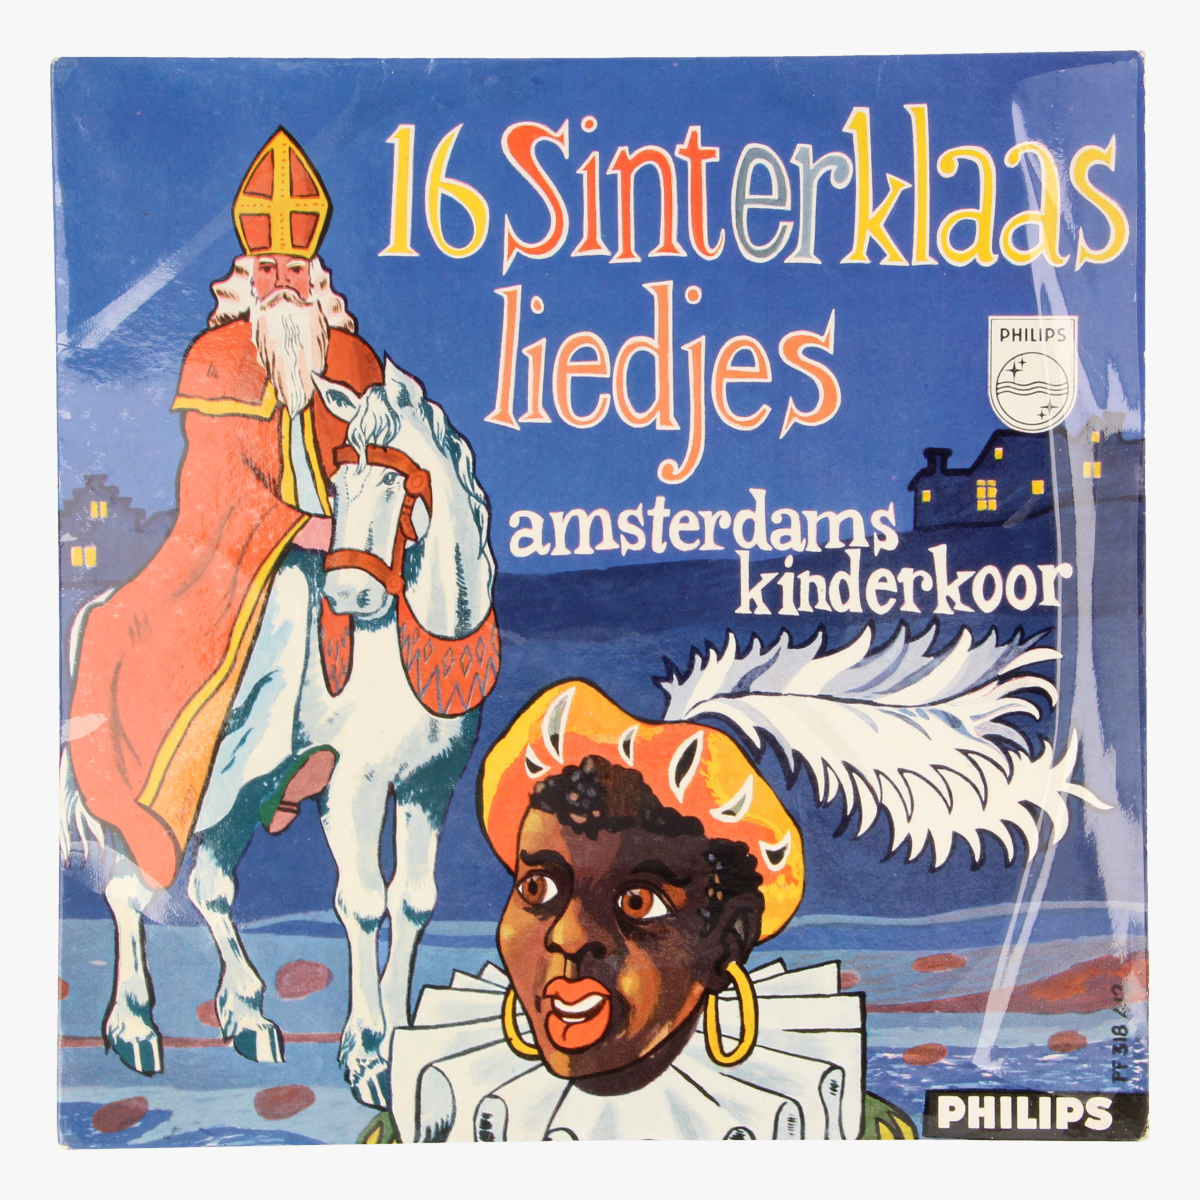 Afbeeldingen van 16 Sinterklaasliedjes Amsterdams Kinderkoor